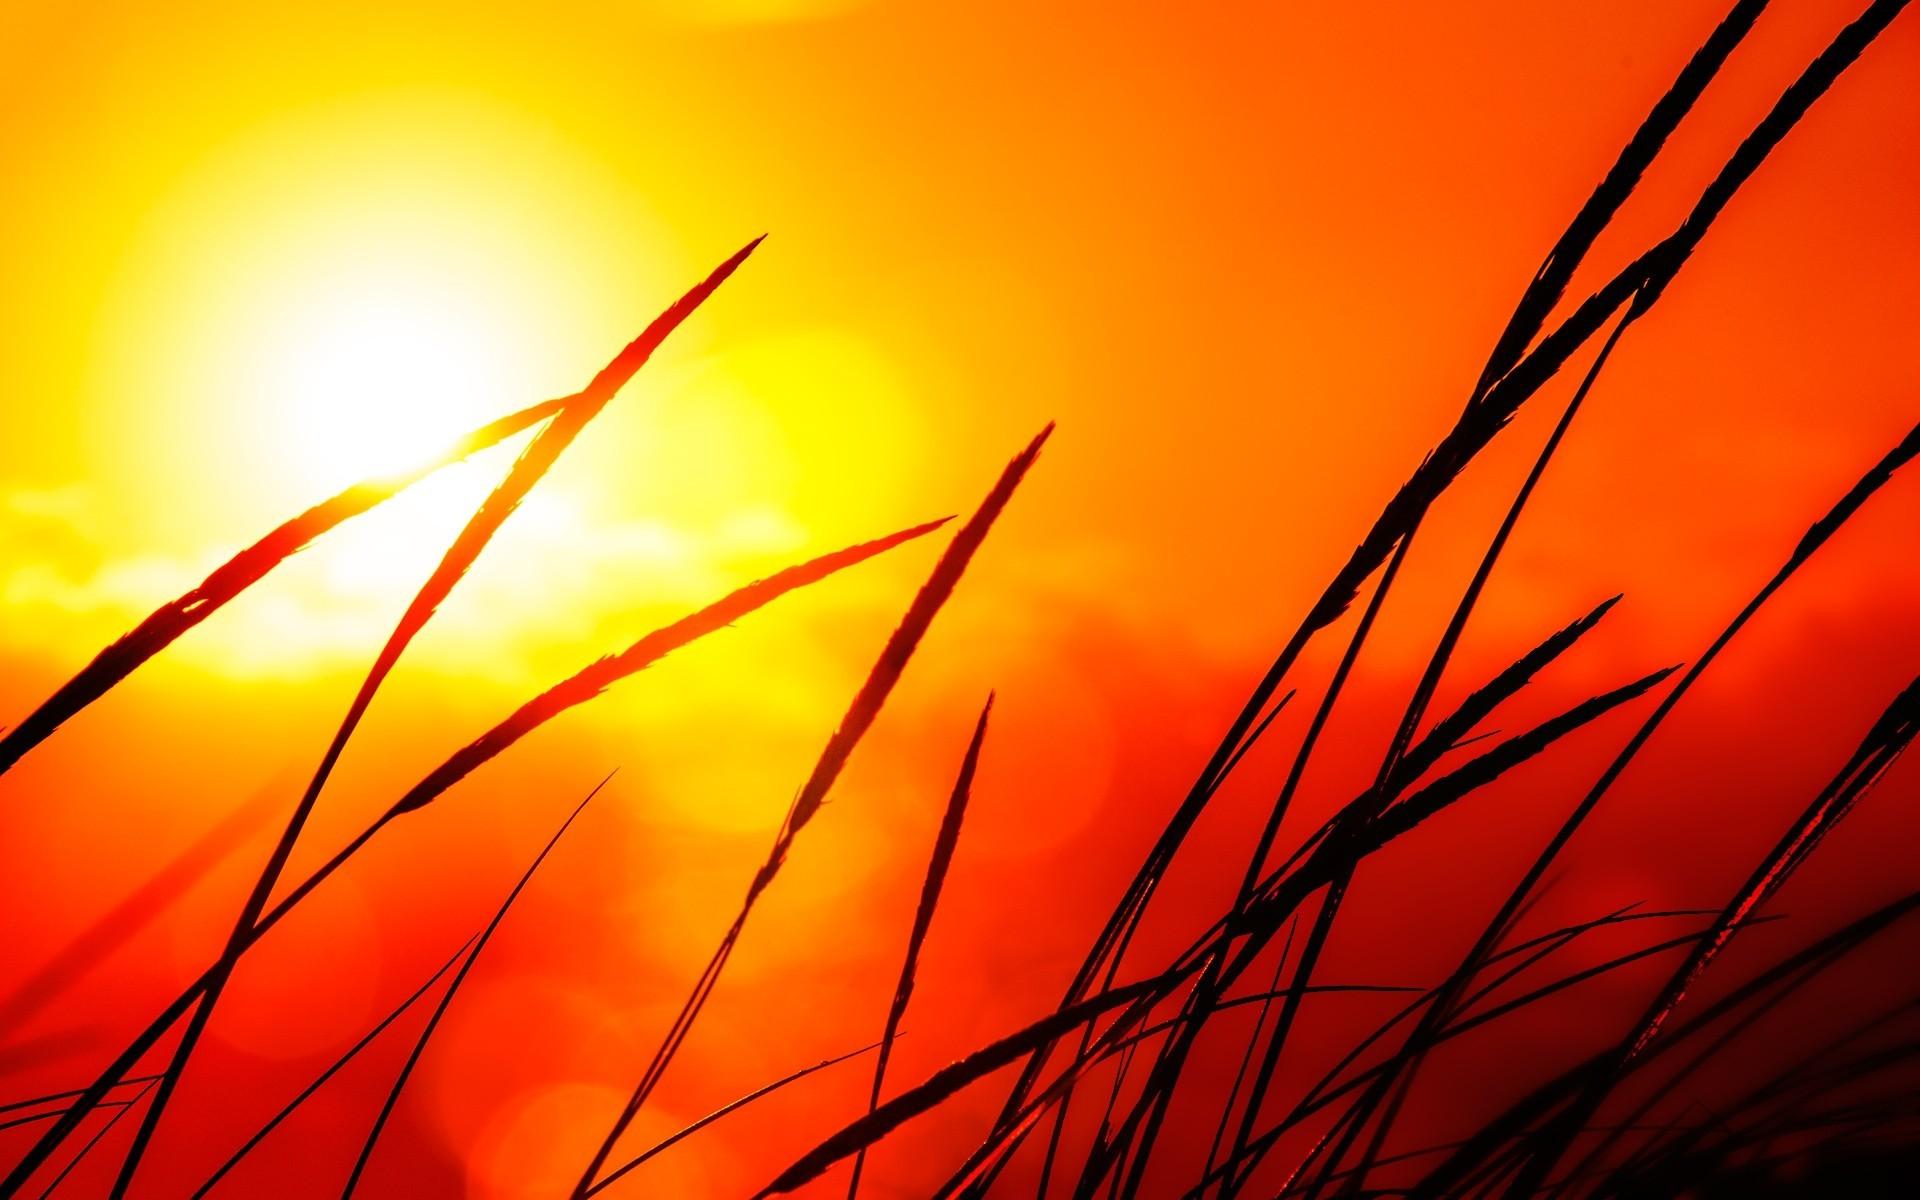 12 Pretty HD Sunlight Wallpapers